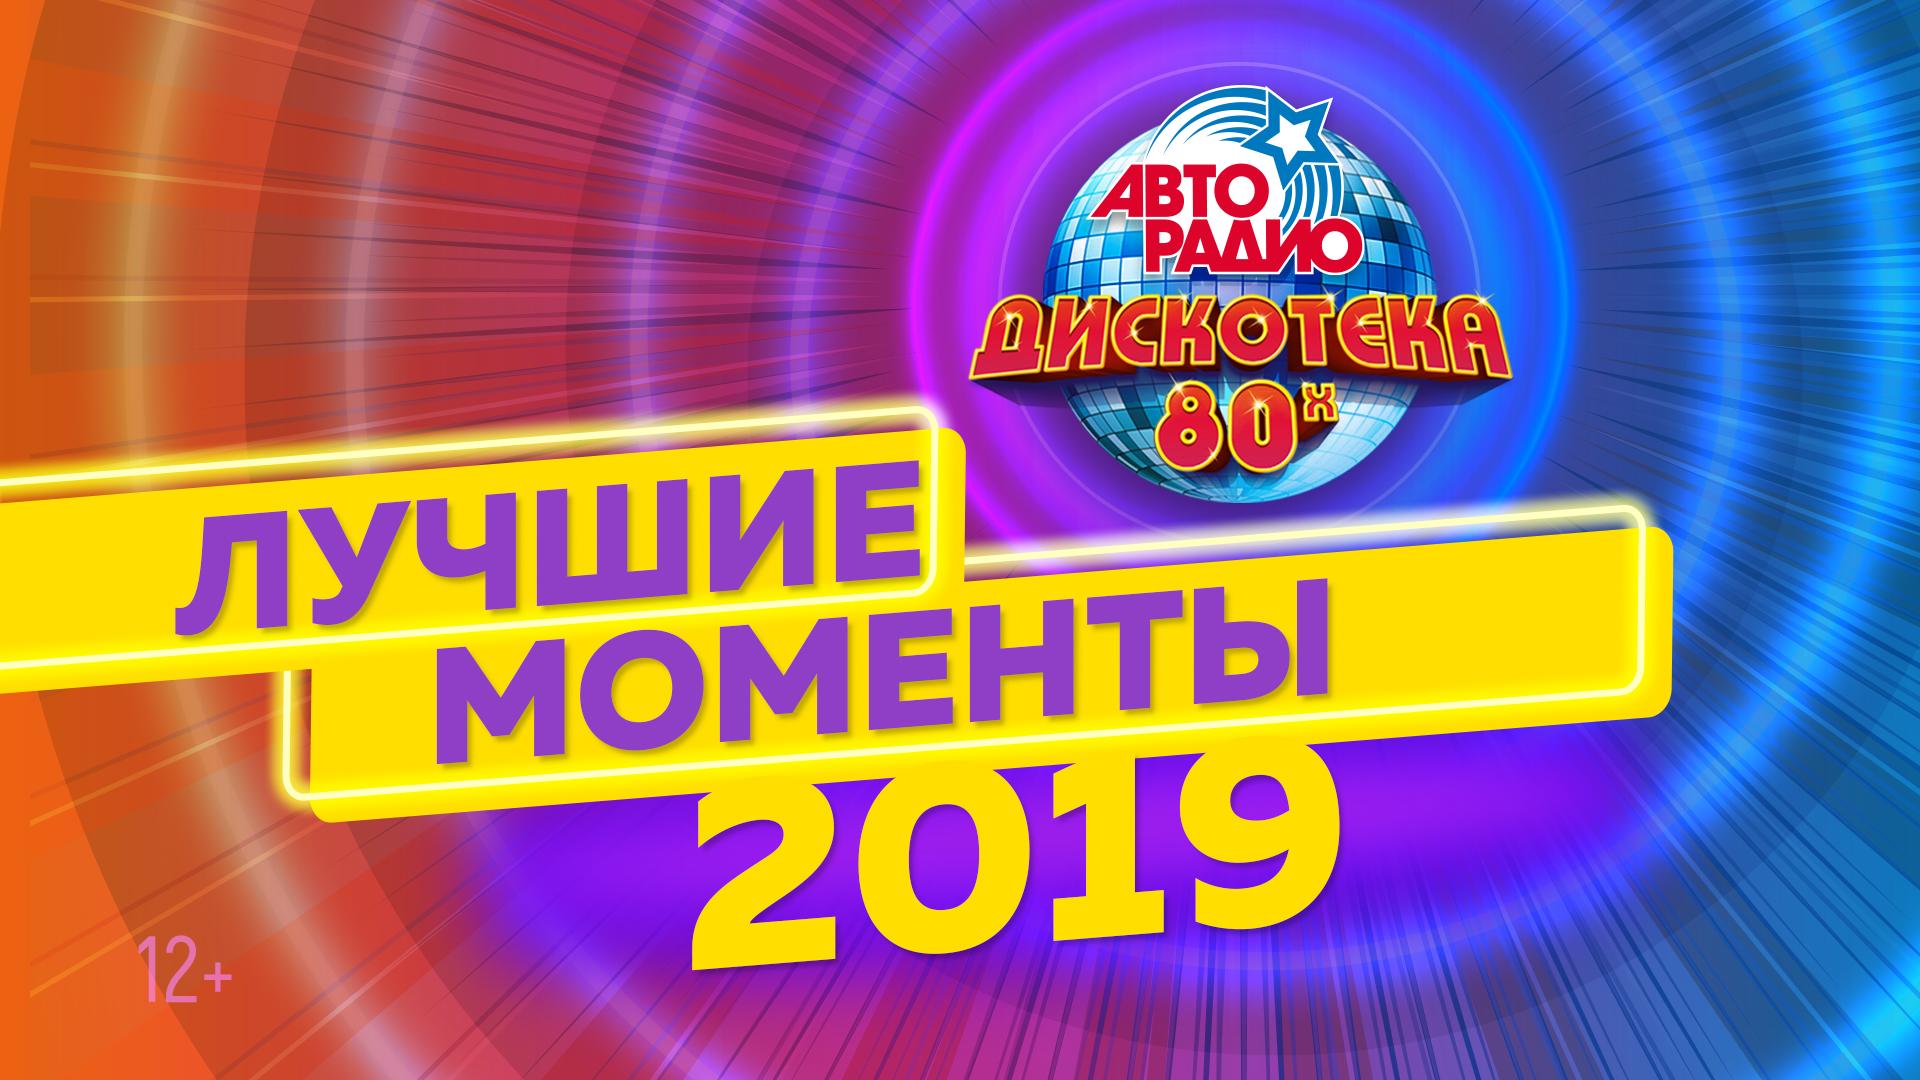 Дискотека 80-х 2019. Лучшие моменты фестиваля Авторадио